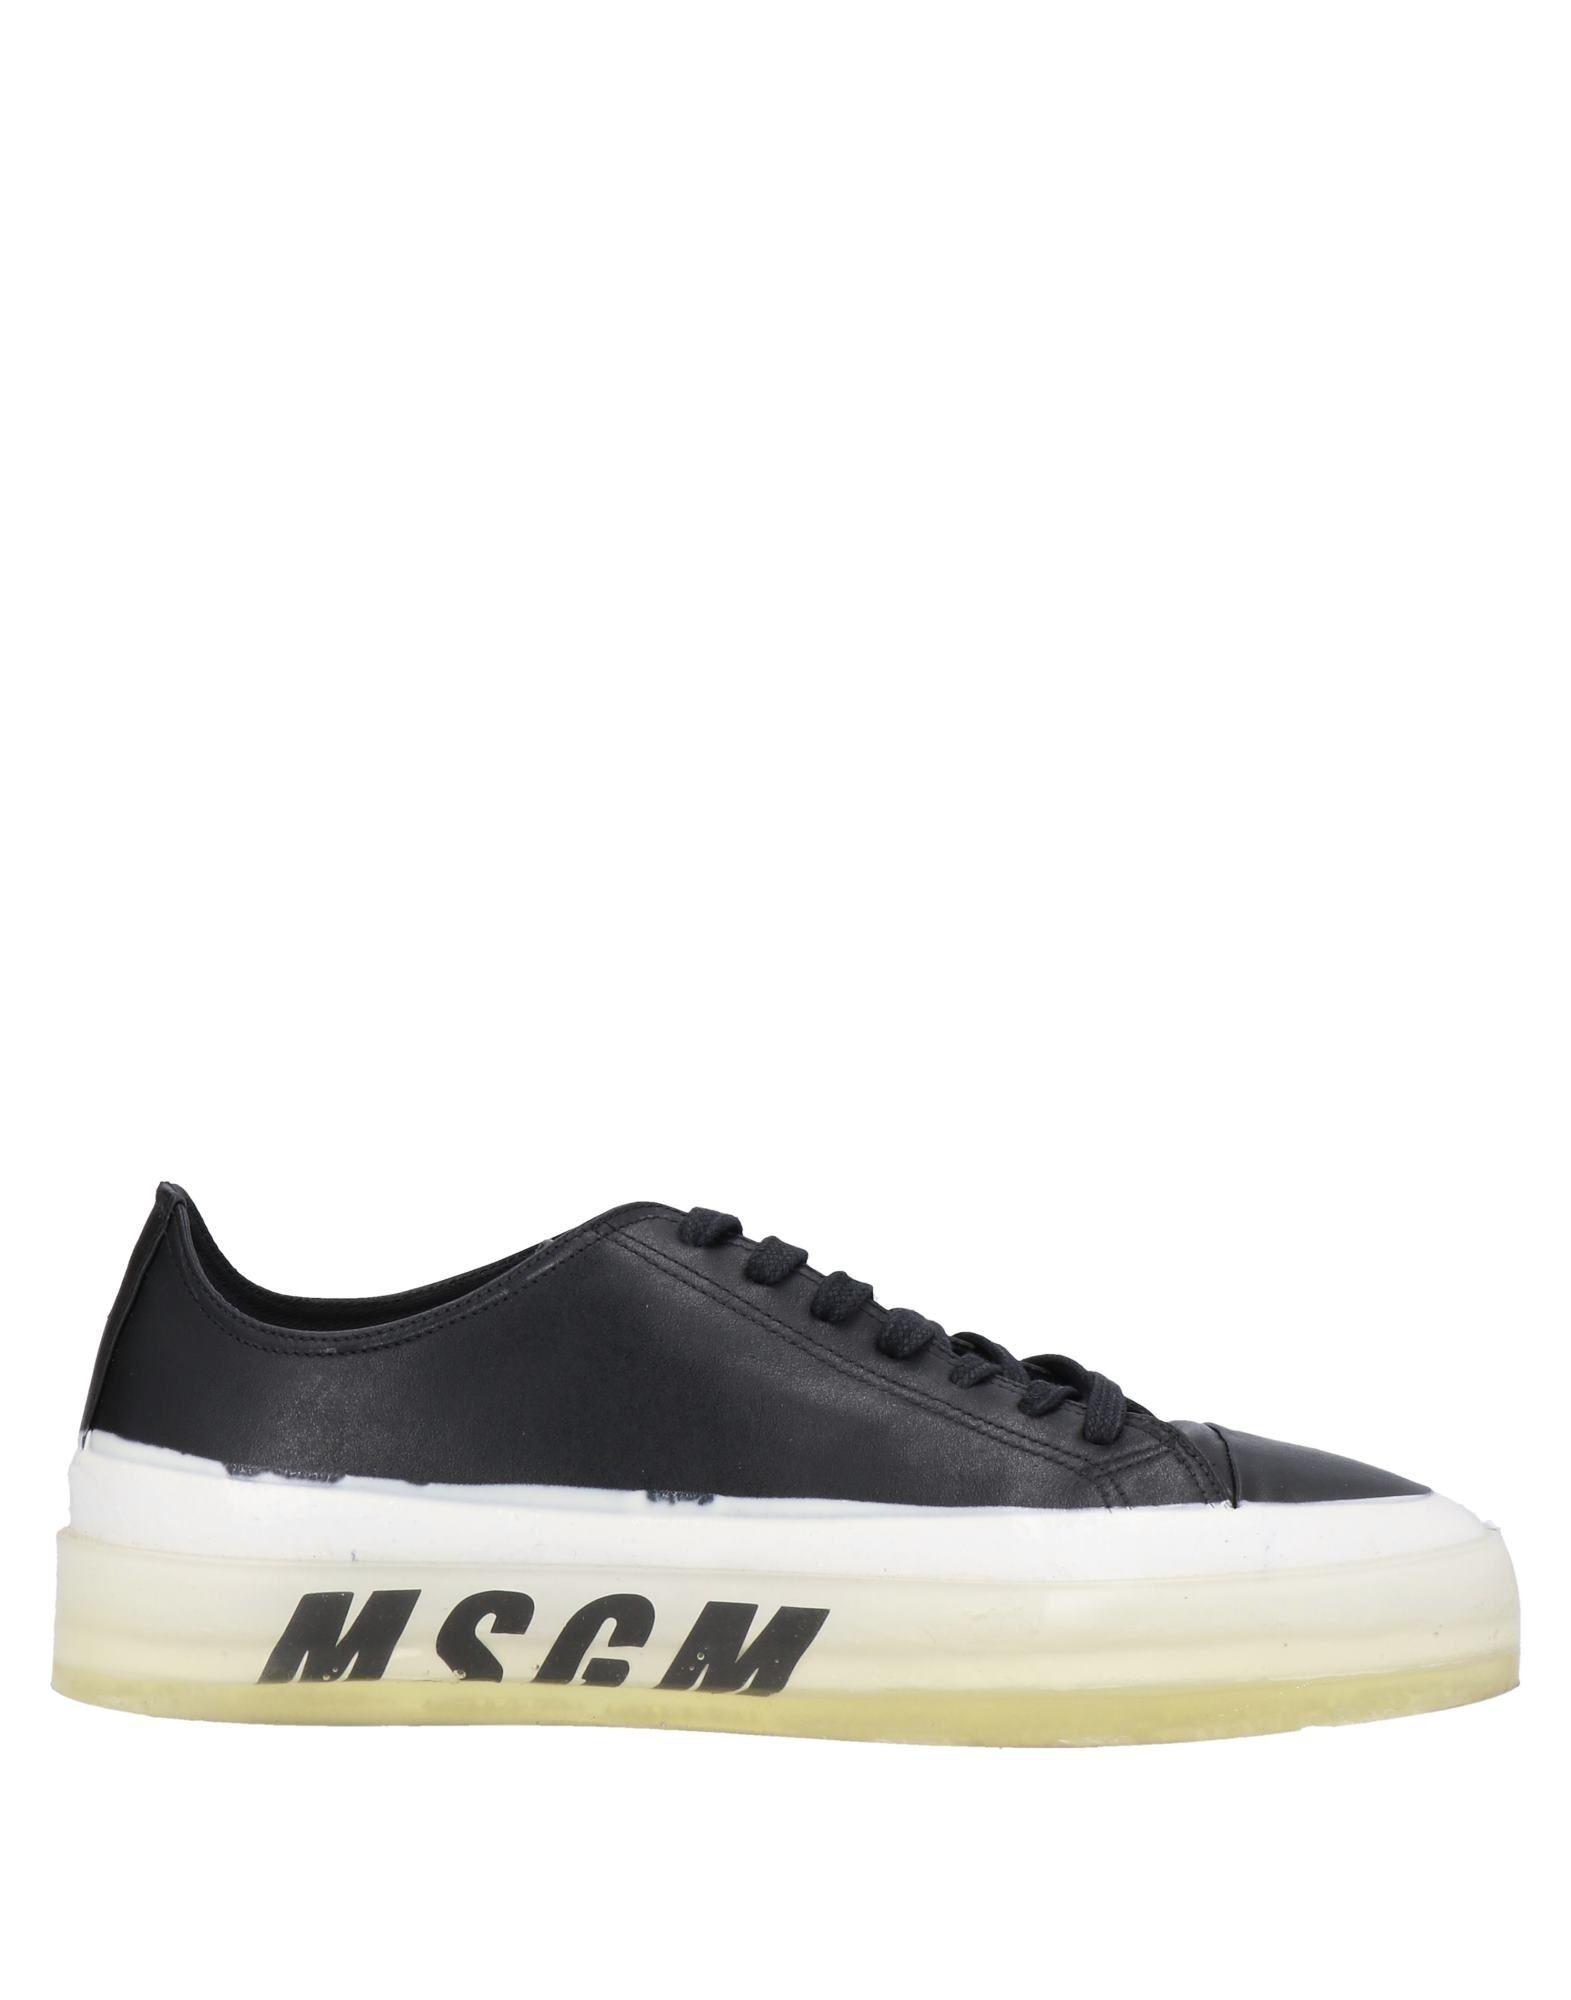 MSGM エムエスジーエム メンズ スニーカー ブラック